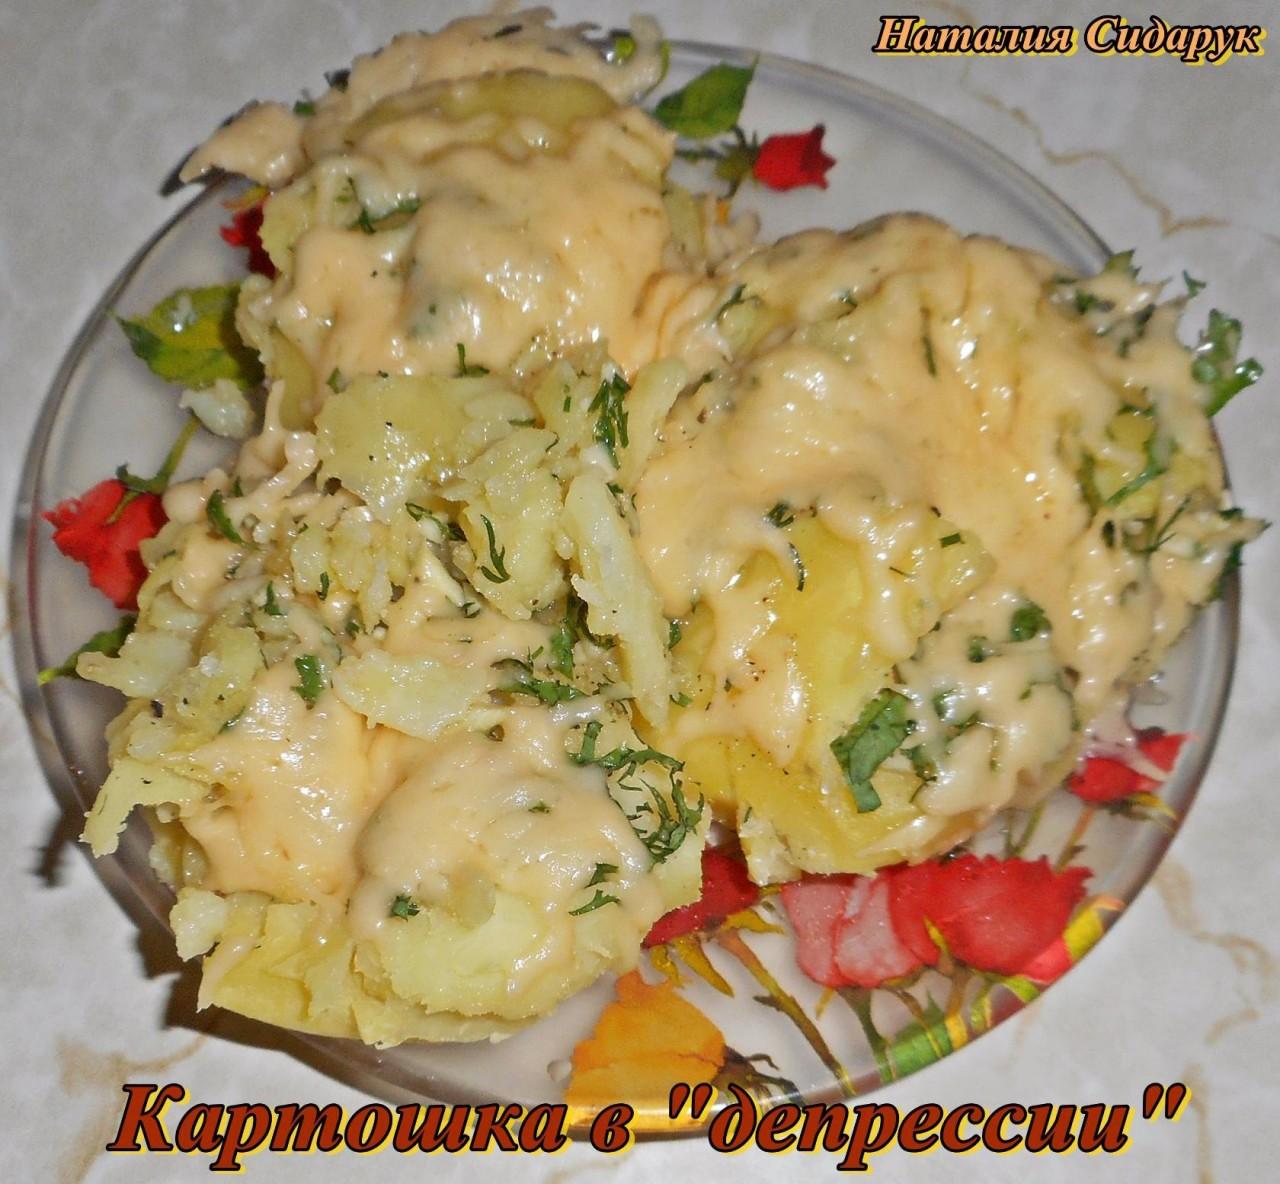 Картошка в депрессии